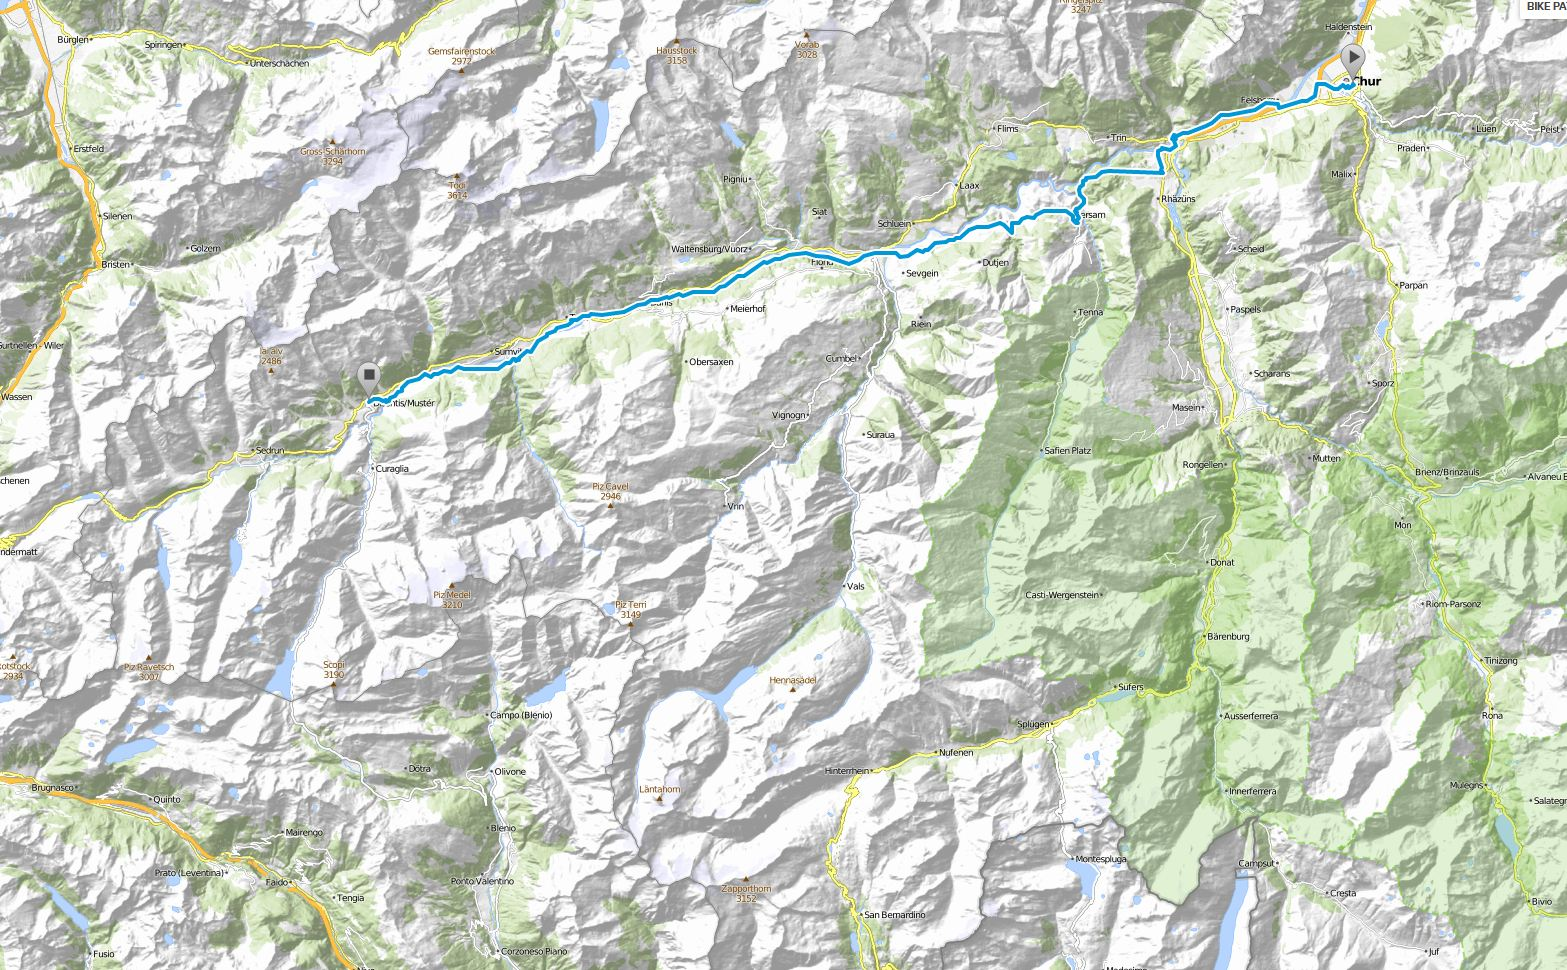 Höhenmeter Karte.Hinterland Piemont Anreise Rad